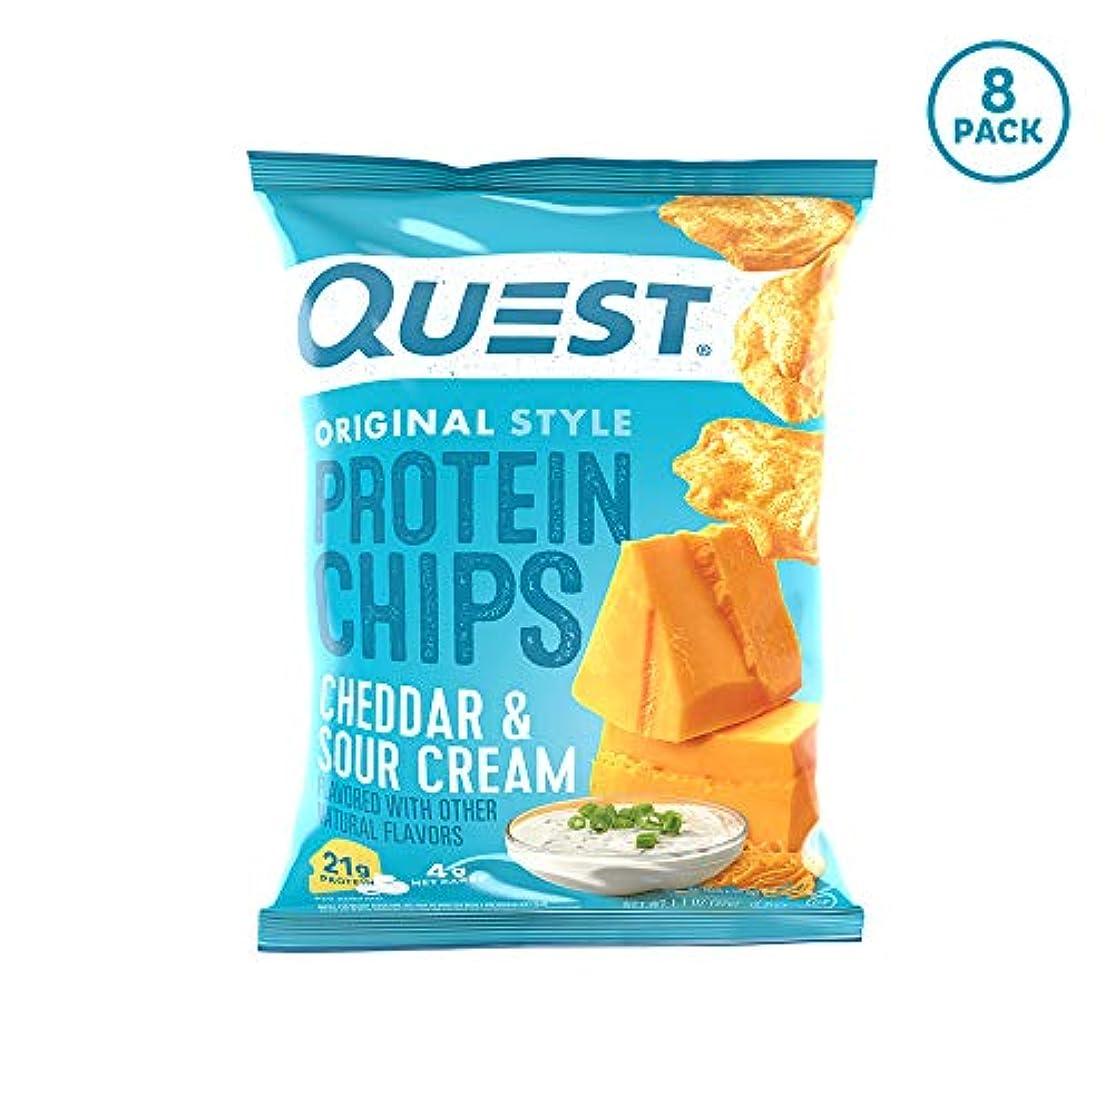 レンダー返還人口プロテイン チップス チェダーサワークリーム フレイバー クエスト 8袋セット 並行輸入品 Quest Nutrition Protein Chips Cheddar & Sour Cream Pack of 8 海外直送品